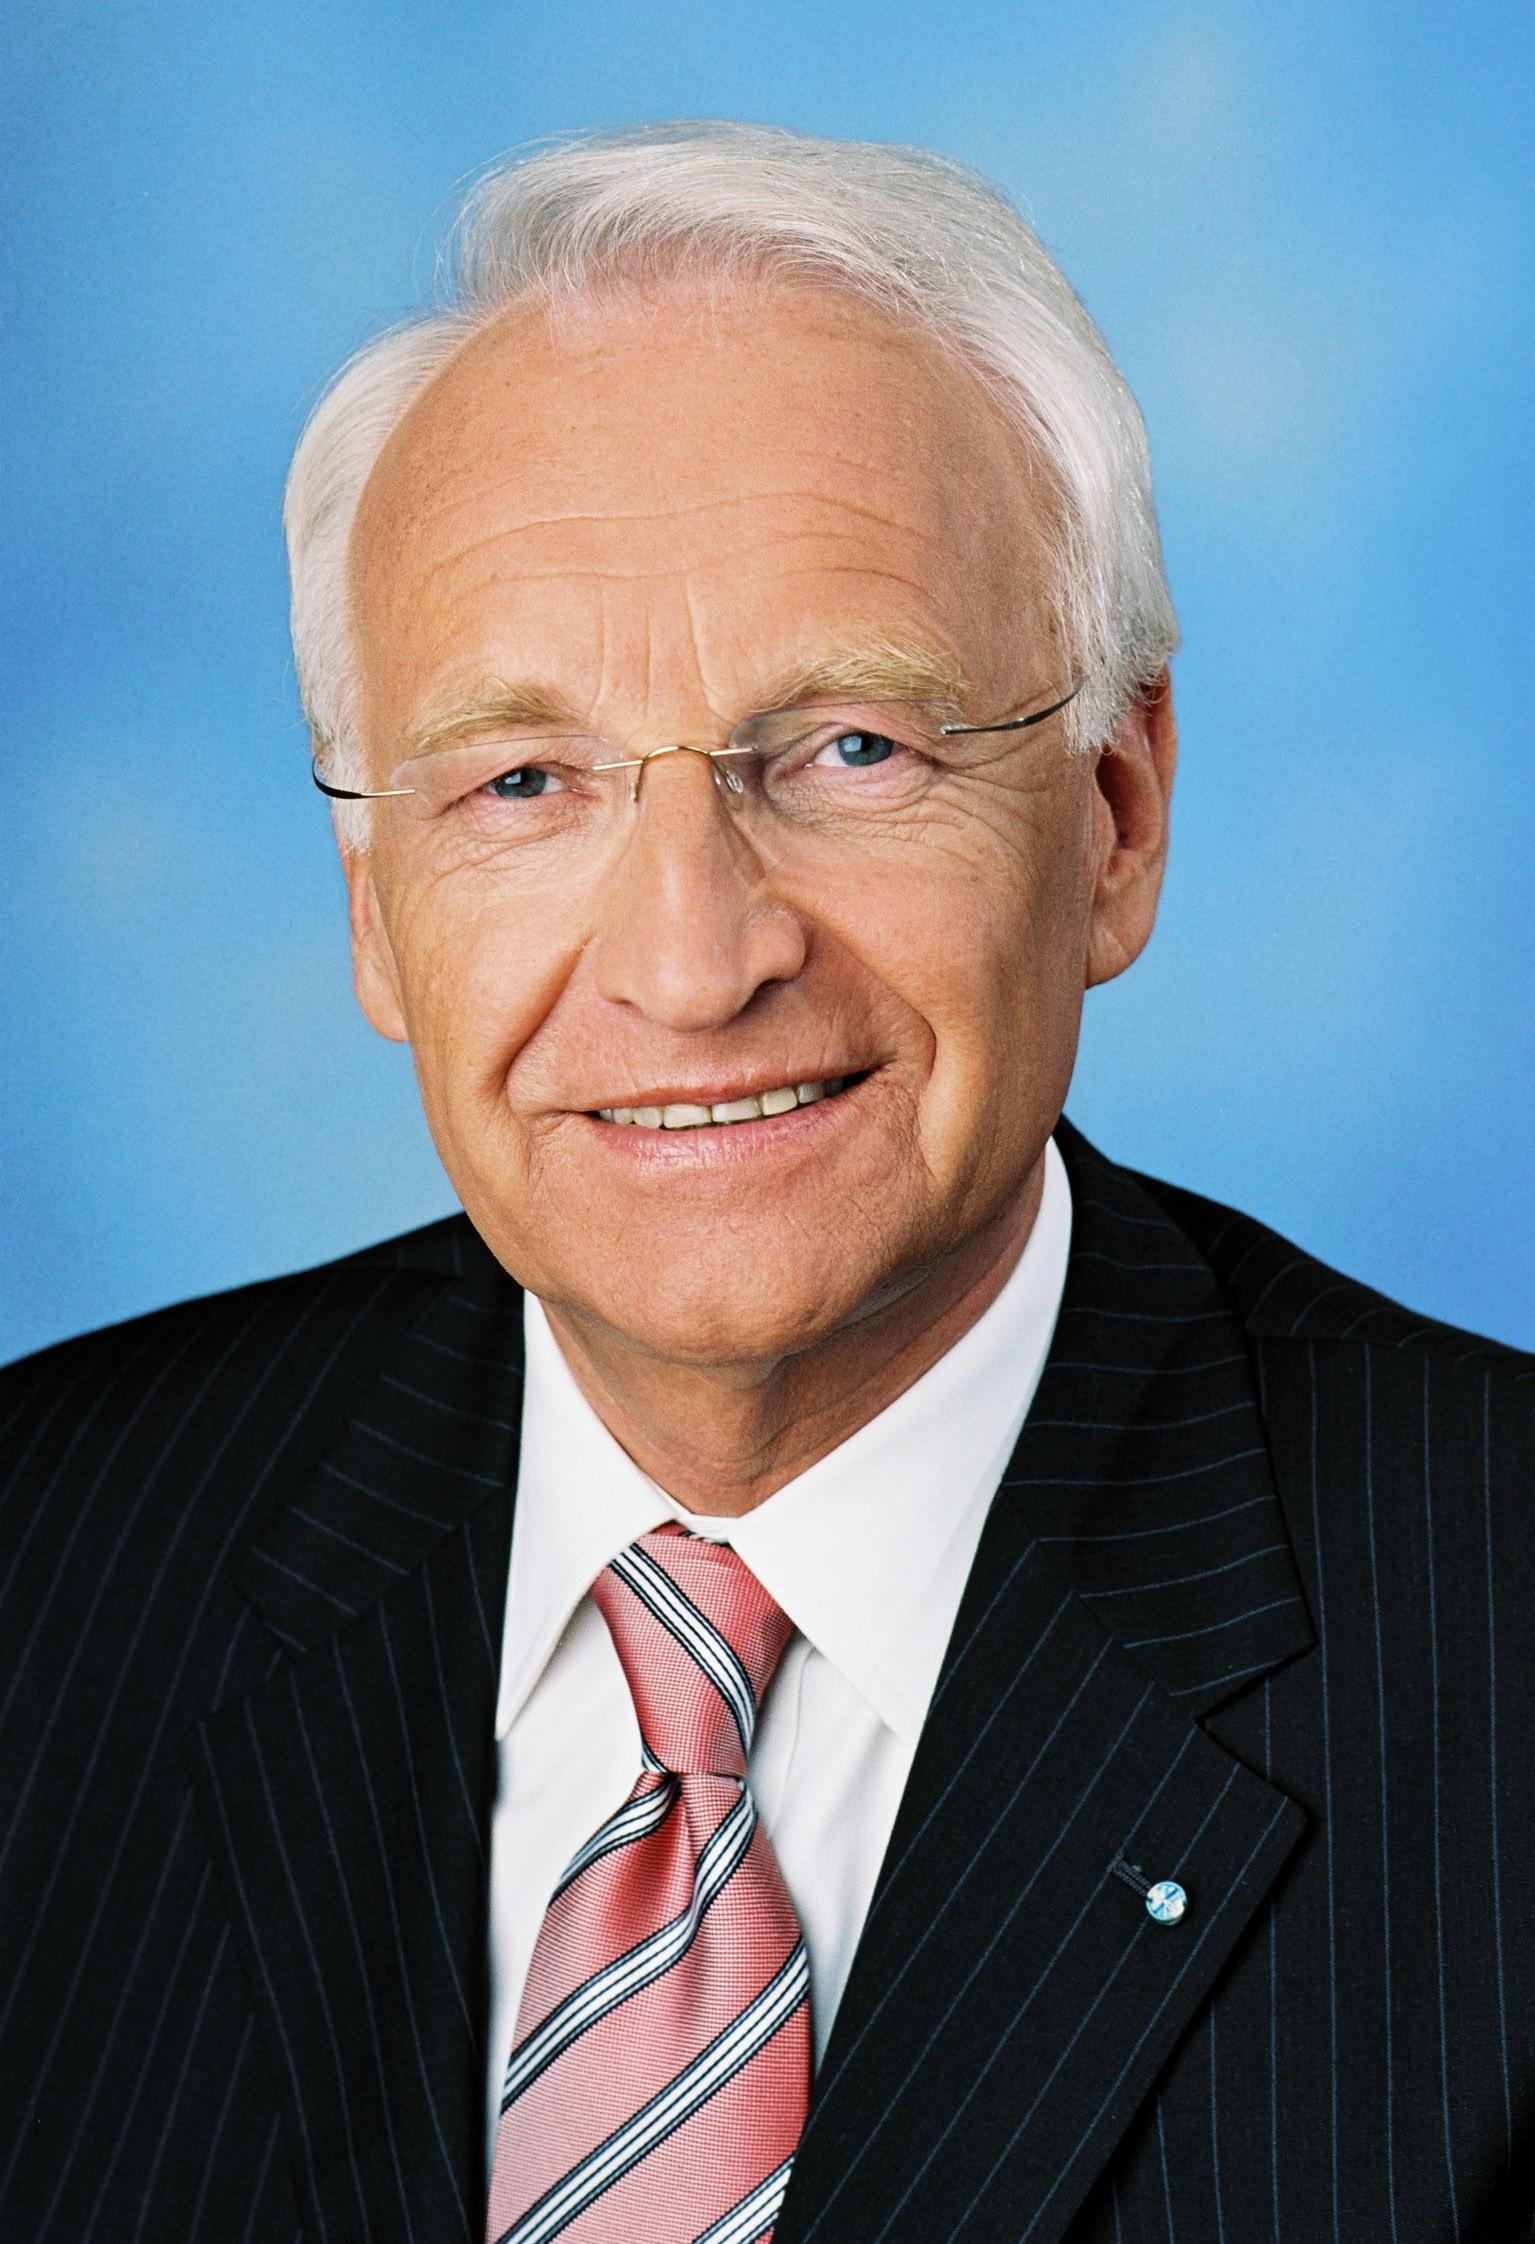 Dr Hans Schmidt Jersey City Nj